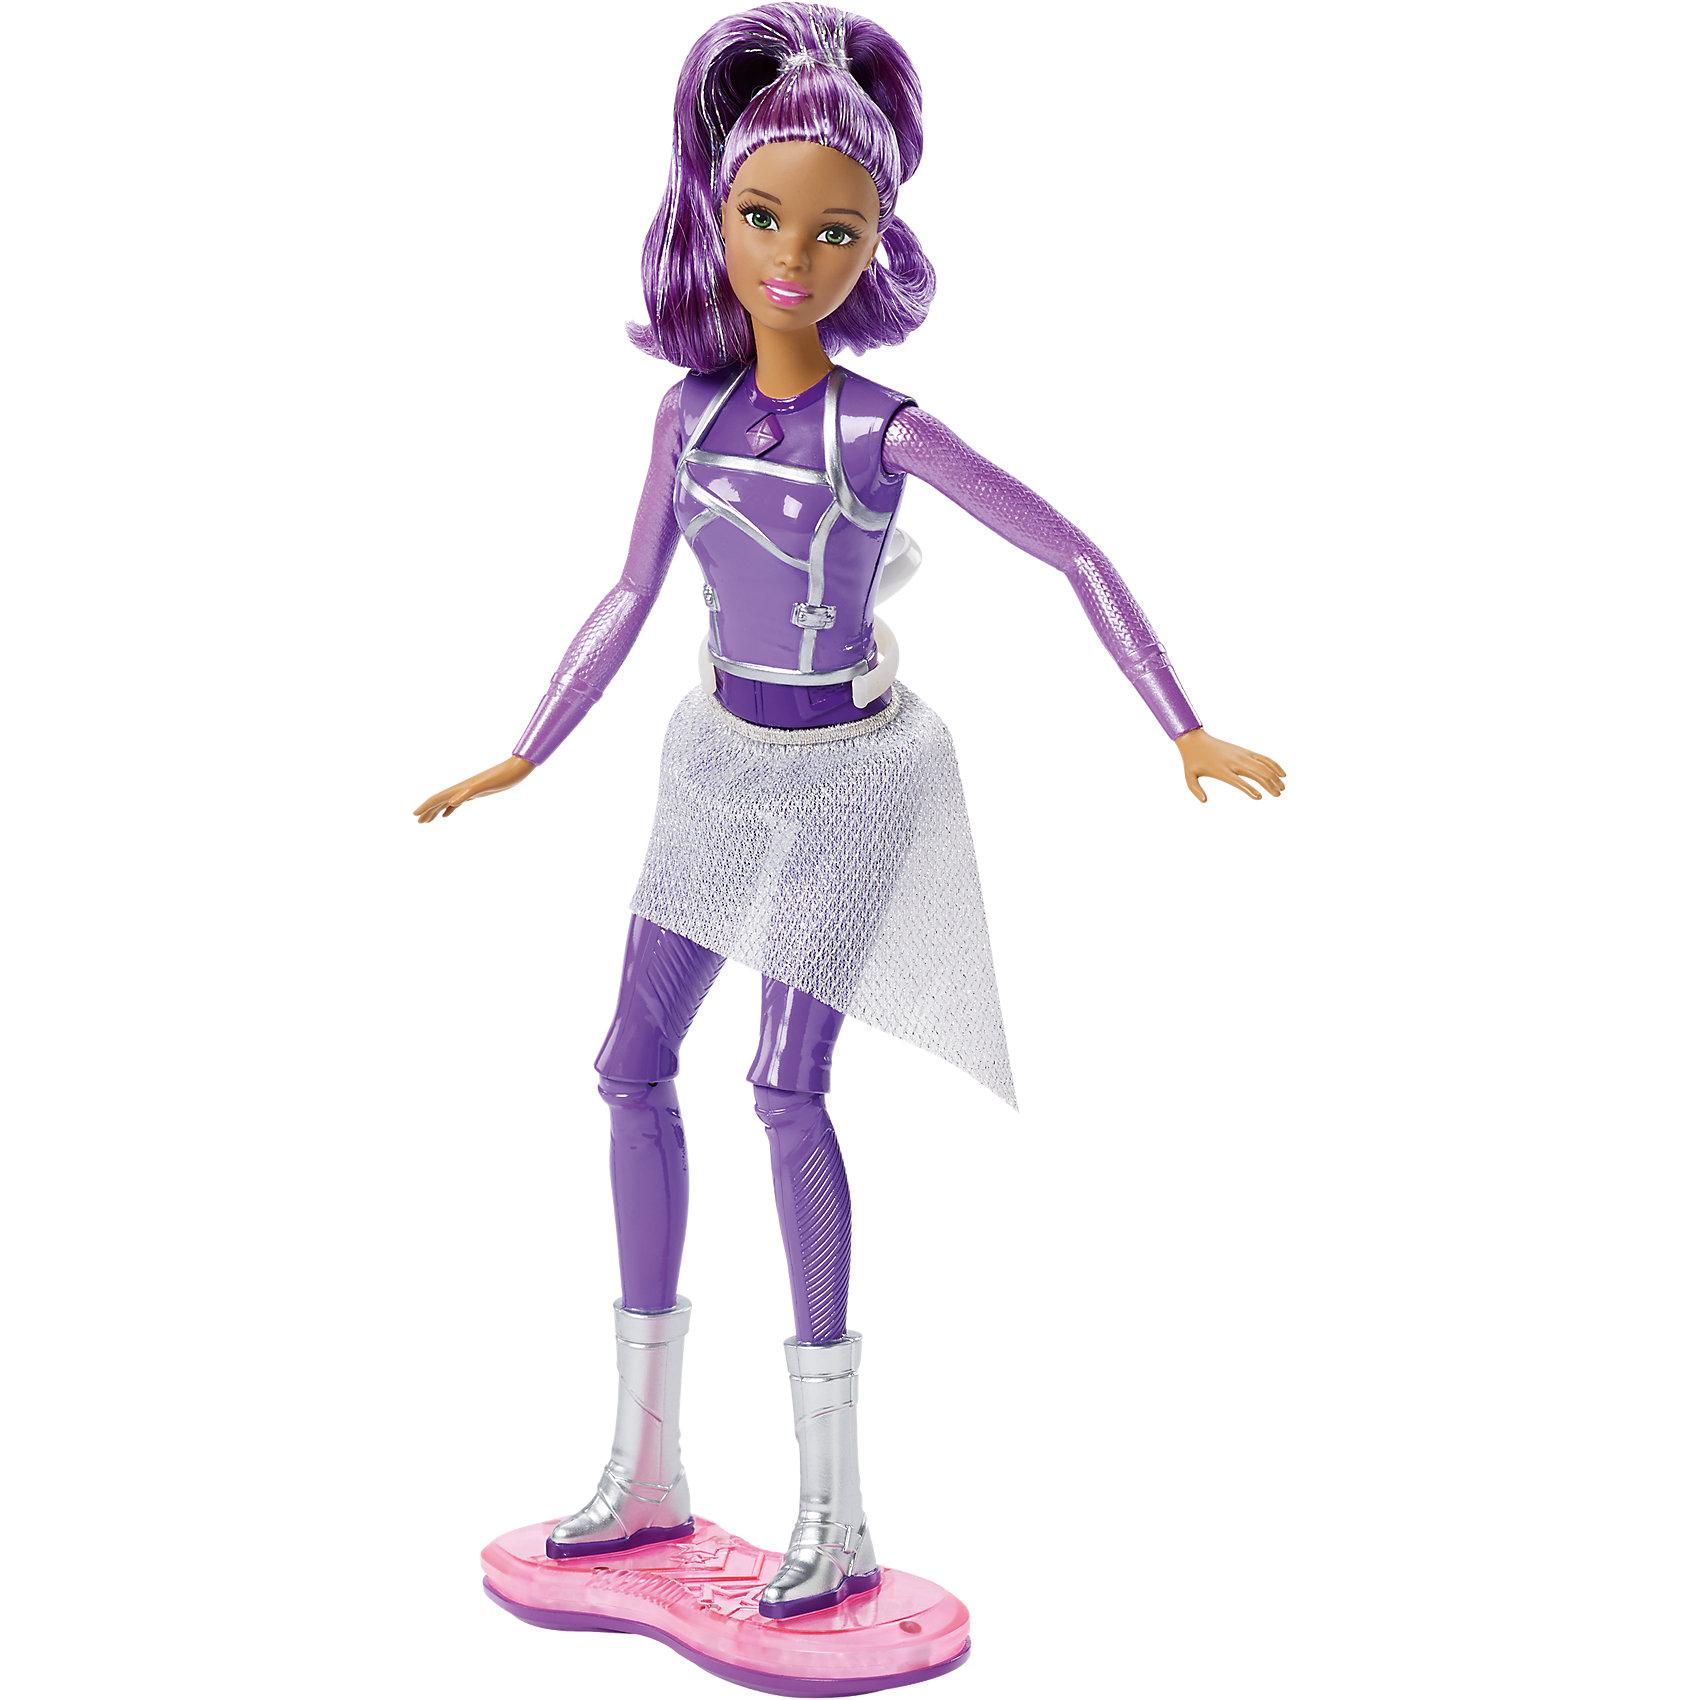 Кукла с ховербордом из серии Barbie и космическое приключениеПопулярные игрушки<br>Характеристики куклы Mattel:<br><br>• высота куклы: 30 см;<br>• световые эффекты: голубое, красное и розовое свечение;<br>• звуковые эффекты: 5 режимов;<br>• шарнирные конечности: руки поднимаются вверх и в стороны, ноги поднимаются и опускаются, сгибаются в коленях;<br>• кукла Барби делает полное сальто;<br>• Барби устойчиво стоит на ховерборде, не покидает свой «пост» во время кругового вращения;<br>• для работы свето-звуковых эффектов требуются батарейки: 3 шт. типа LR4;<br>• батарейки входят в комплект;<br>• размер упаковки: 32,5х25х7 см;<br>• вес упаковки: 383 г.<br><br>Кукла Барби из коллекции «Barbie и космическое приключение» маневрирует, летает и делает сальто на ховерборде. Устройство оснащено световыми и звуковыми эффектами, яркие краски переливаются и смешиваются, создается впечатление космической прогулки. Наличие специального кольца-крепления дает возможность вращать куклу на 360 градусов, находиться в невесомости.  <br><br>Куклу с ховербордом из серии Barbie и космическое приключение можно купить в нашем интернет-магазине.<br><br>Ширина мм: 330<br>Глубина мм: 253<br>Высота мм: 73<br>Вес г: 354<br>Возраст от месяцев: 36<br>Возраст до месяцев: 72<br>Пол: Женский<br>Возраст: Детский<br>SKU: 4765334